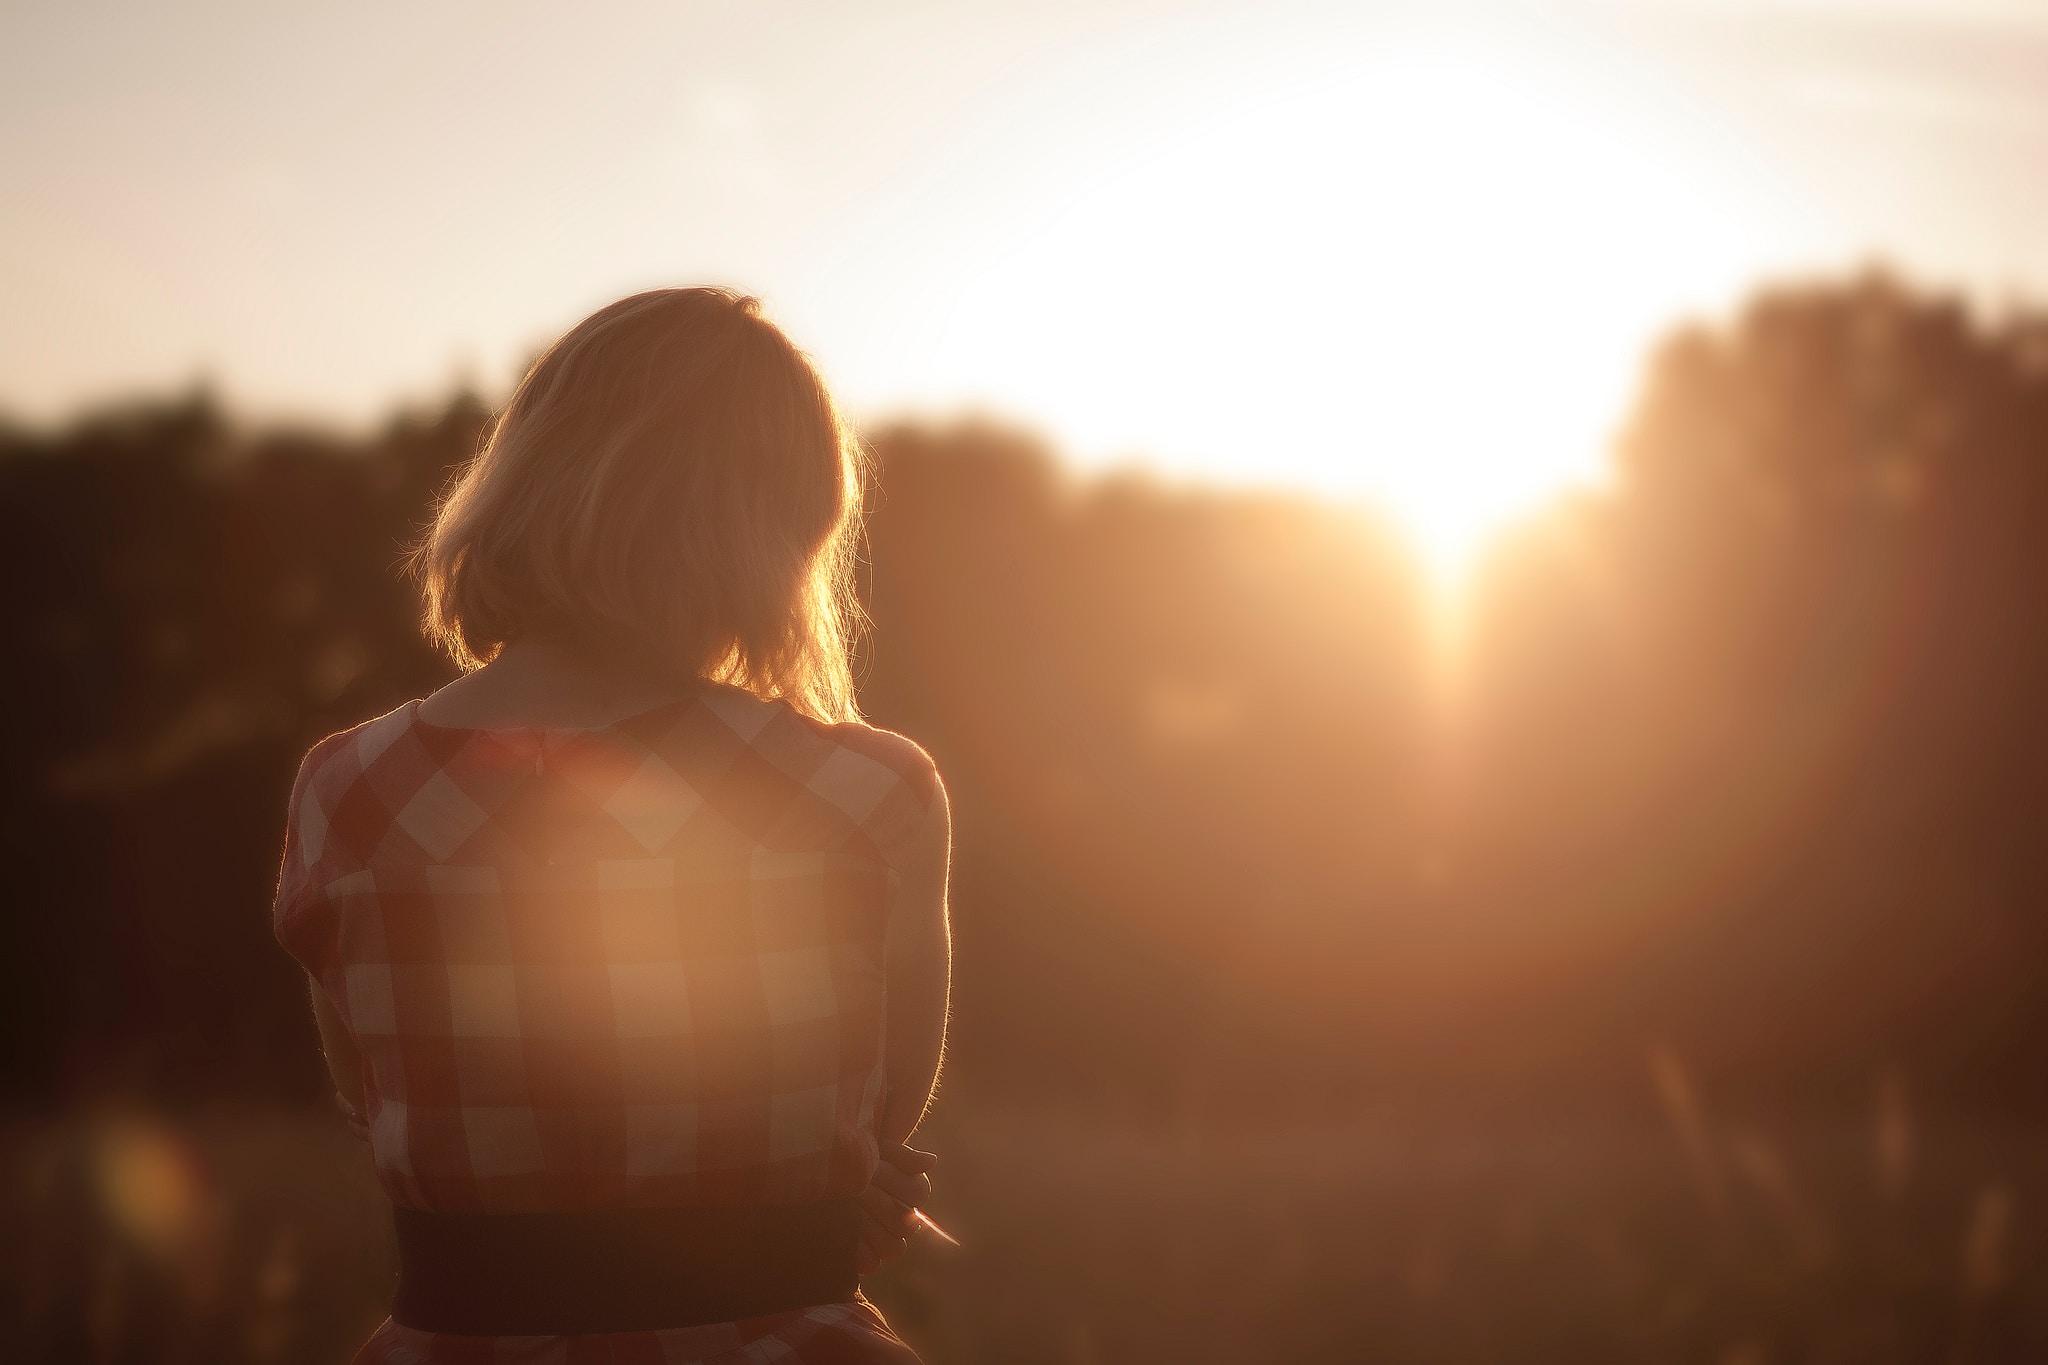 Das Ziel deines Verstandes und das Ziel deines Unterbewusstseins können komplett gegensätzlich sein